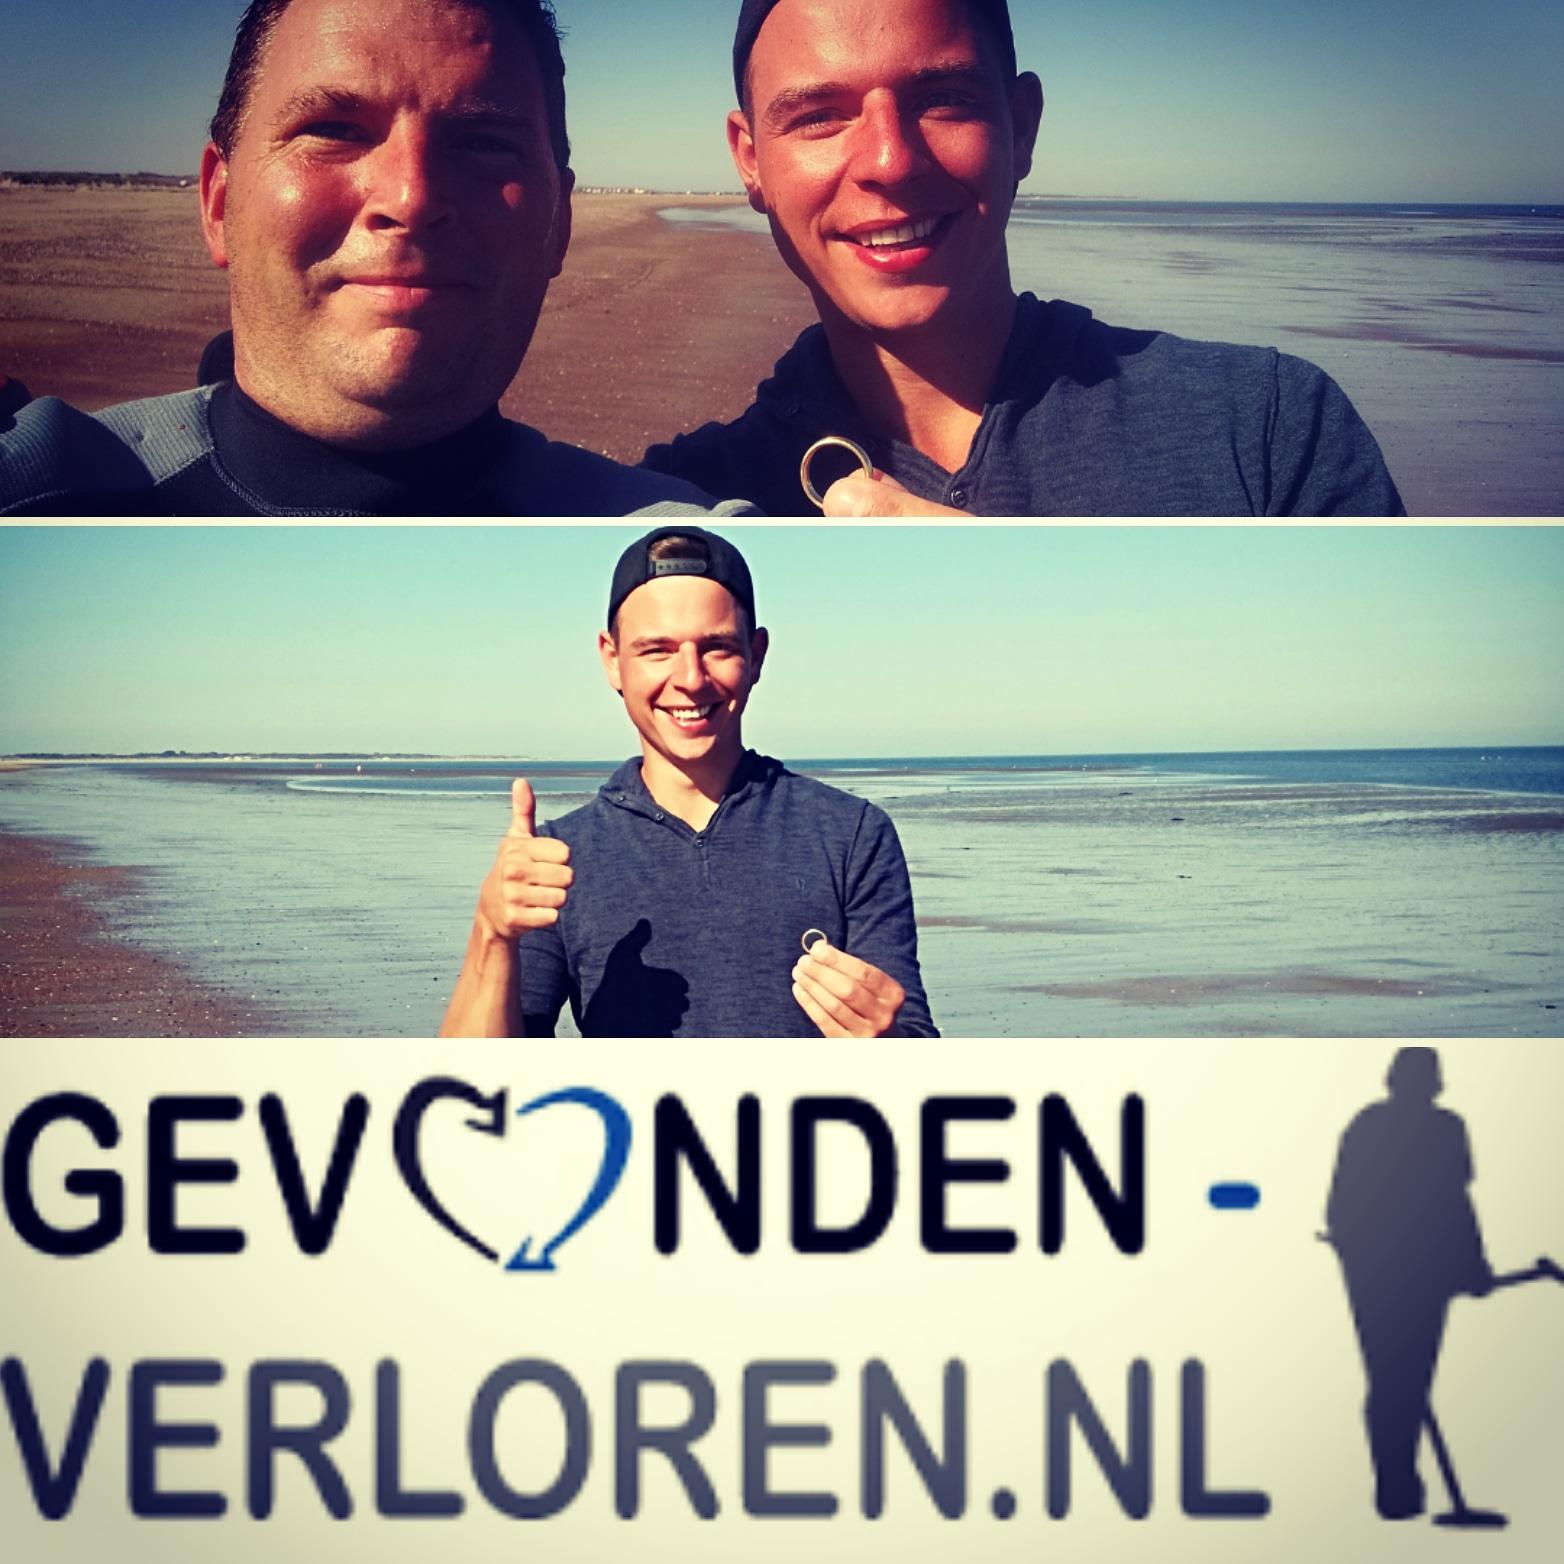 Trouwring Verloren Met Zwemmen In De Zee Brouwershaven